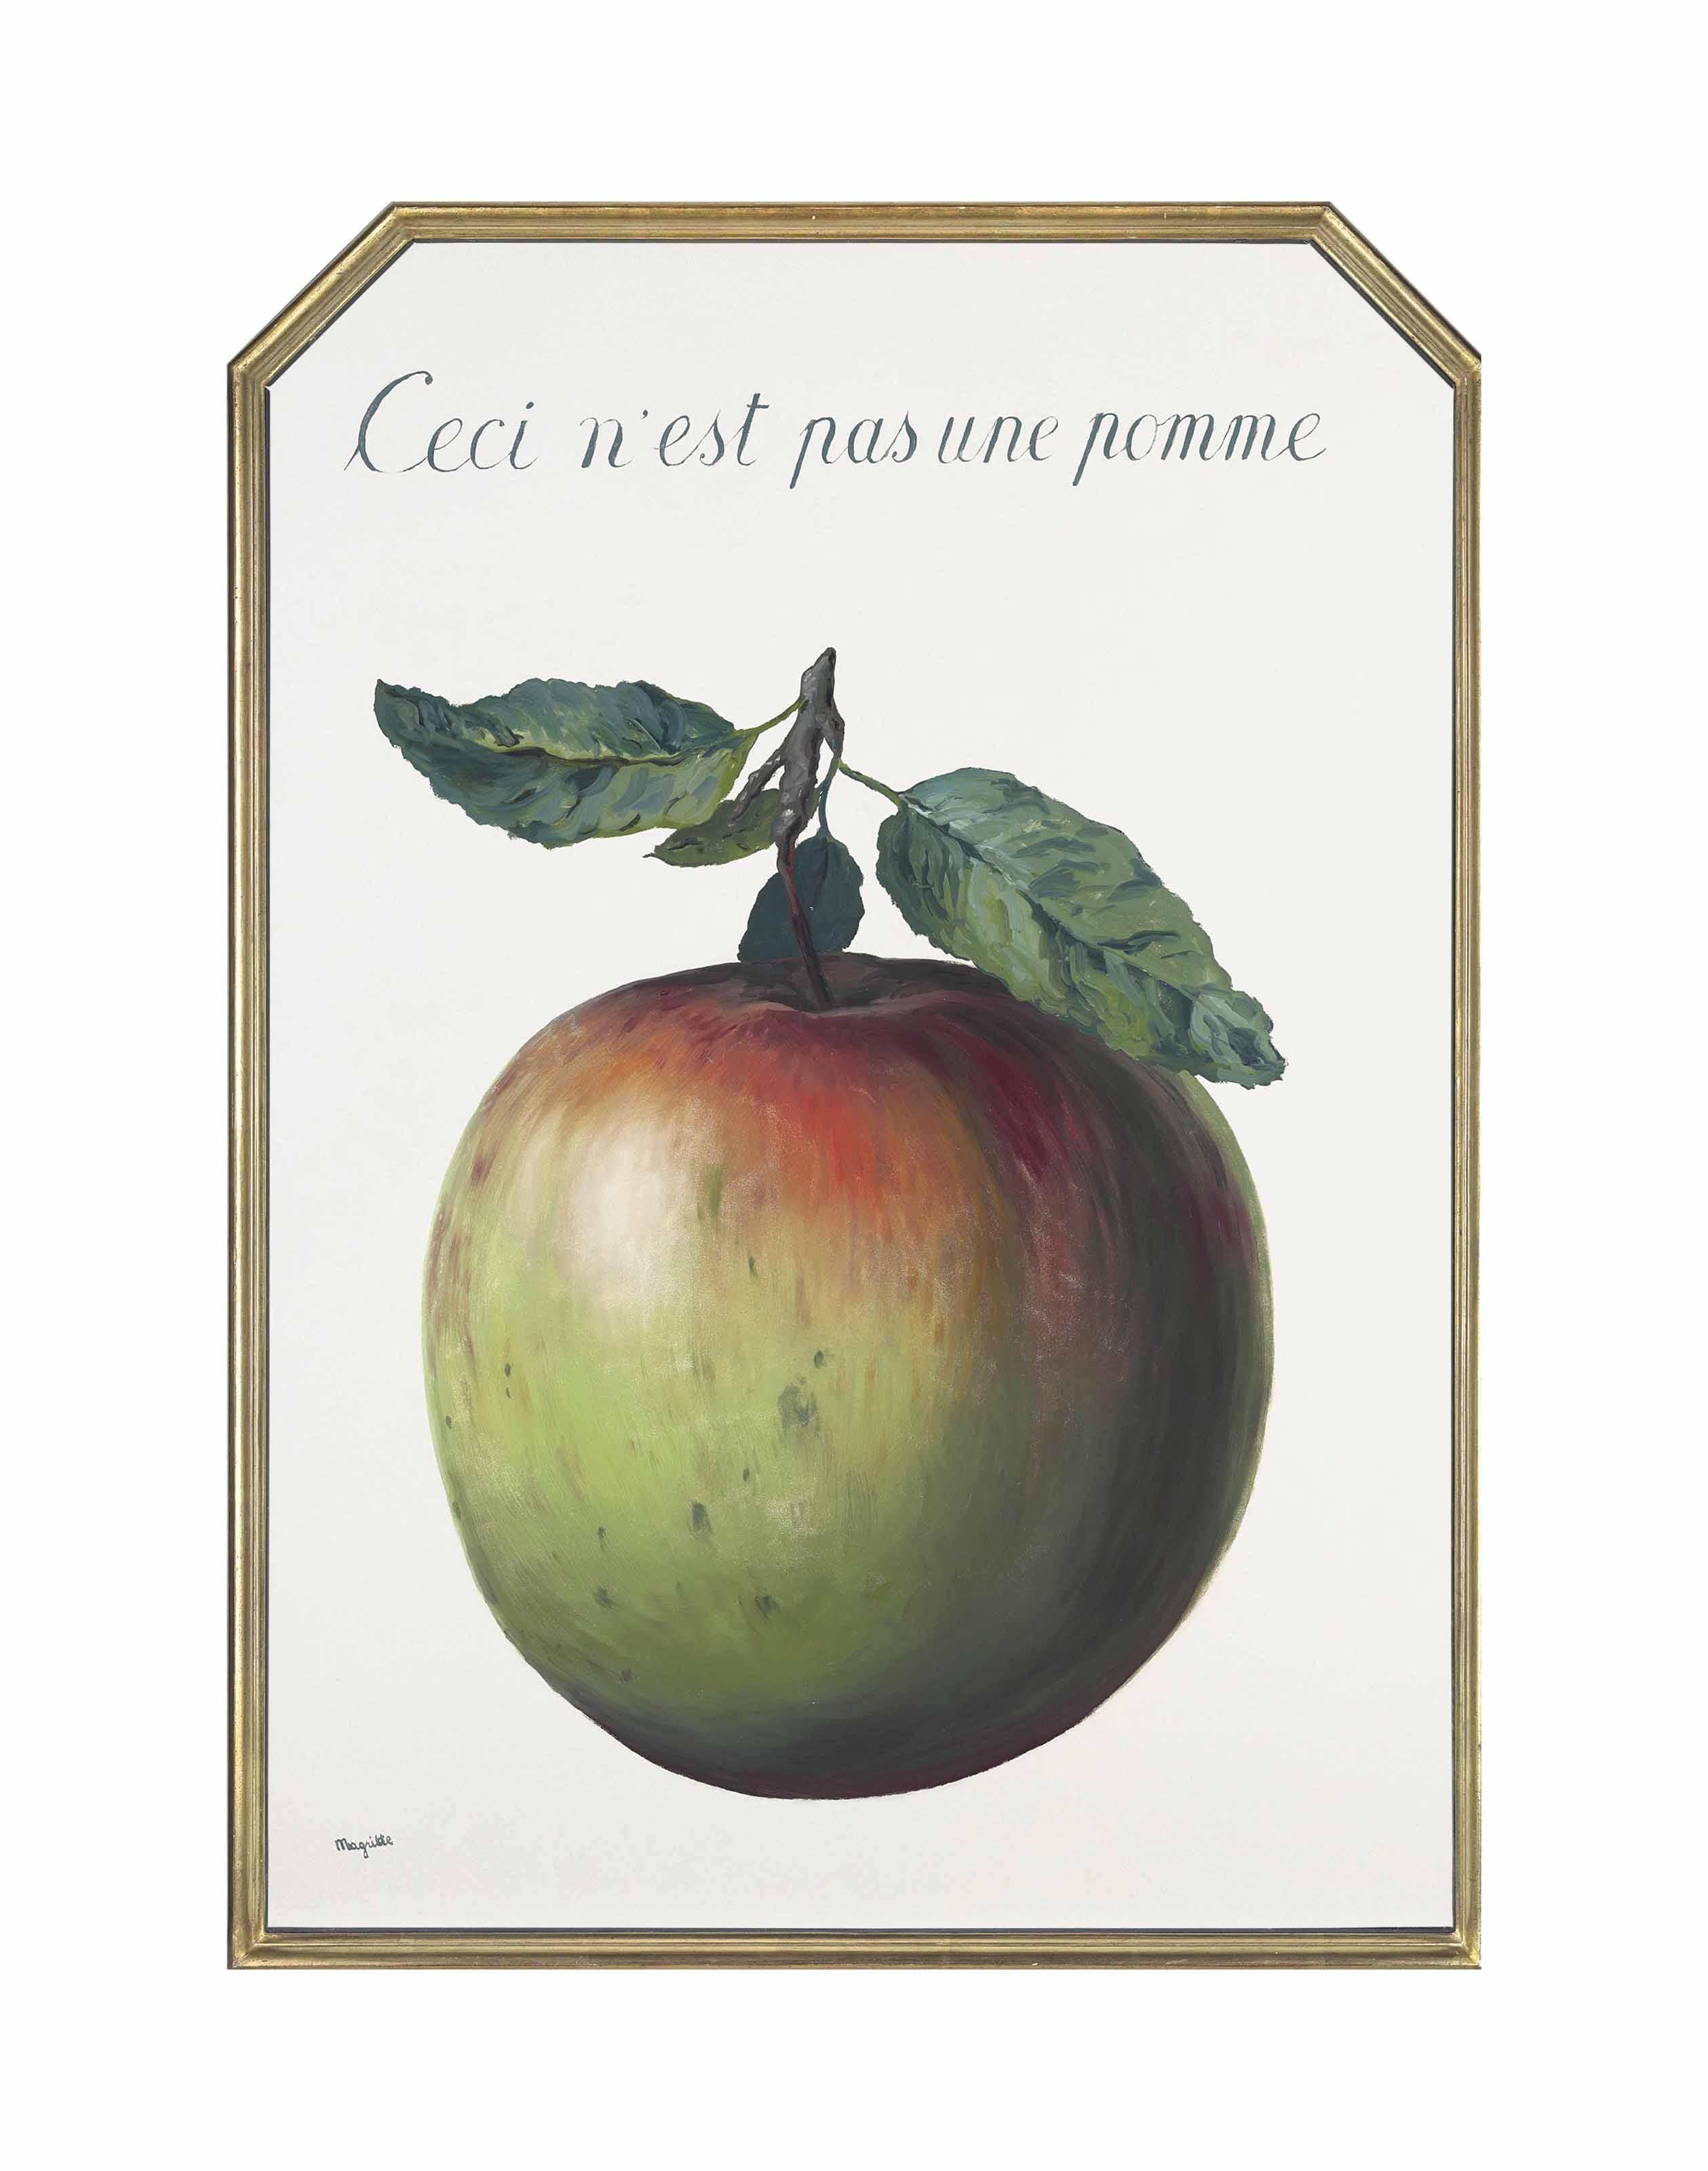 Ceci n'est pas une pomme(1964)